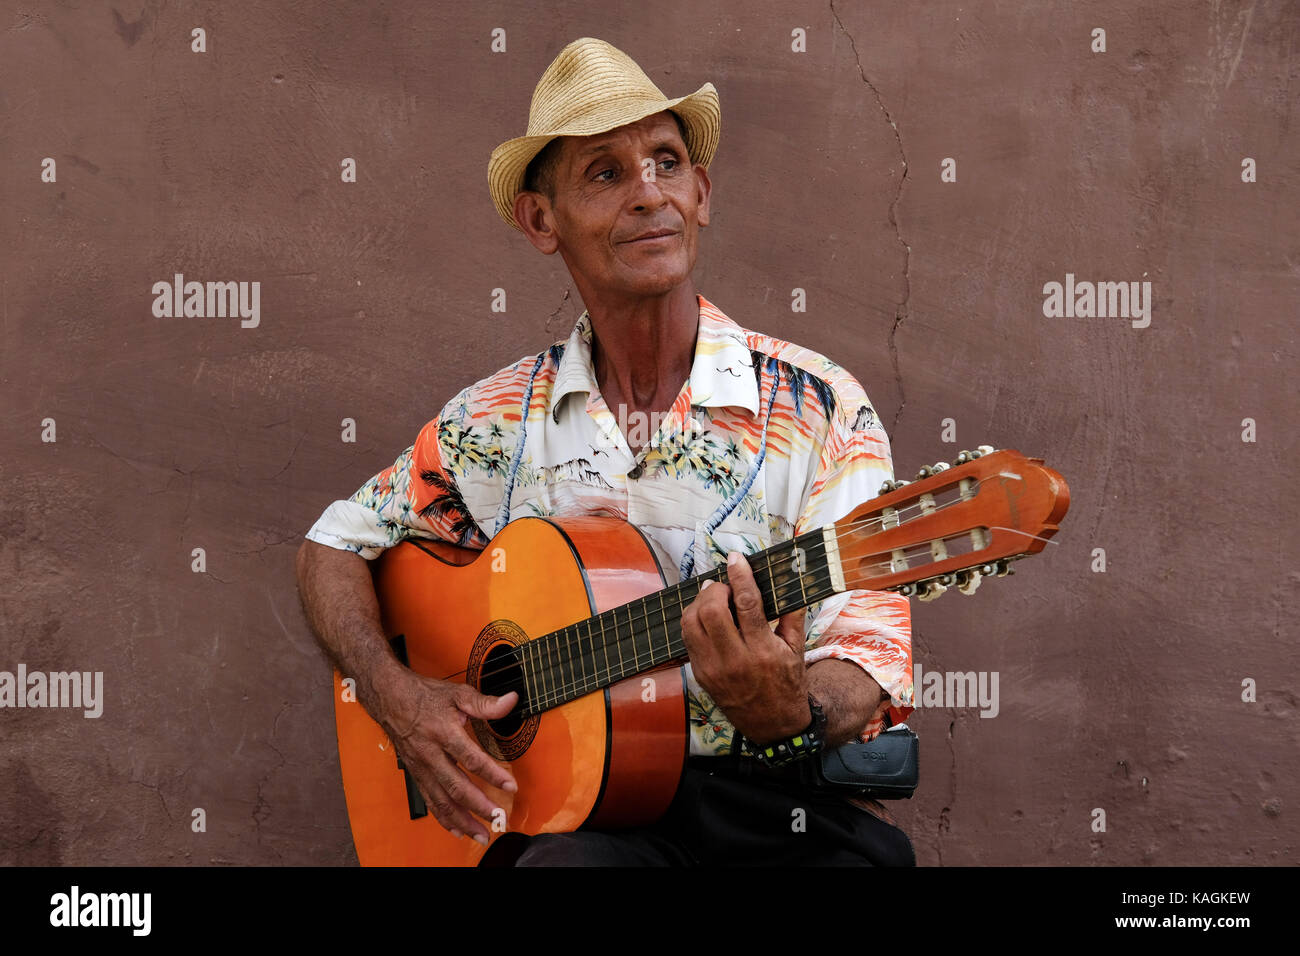 Un uomo cubano svolge la sua chitarra sul lato di una strada nel centro della città di Trinidad, Cuba. Immagini Stock